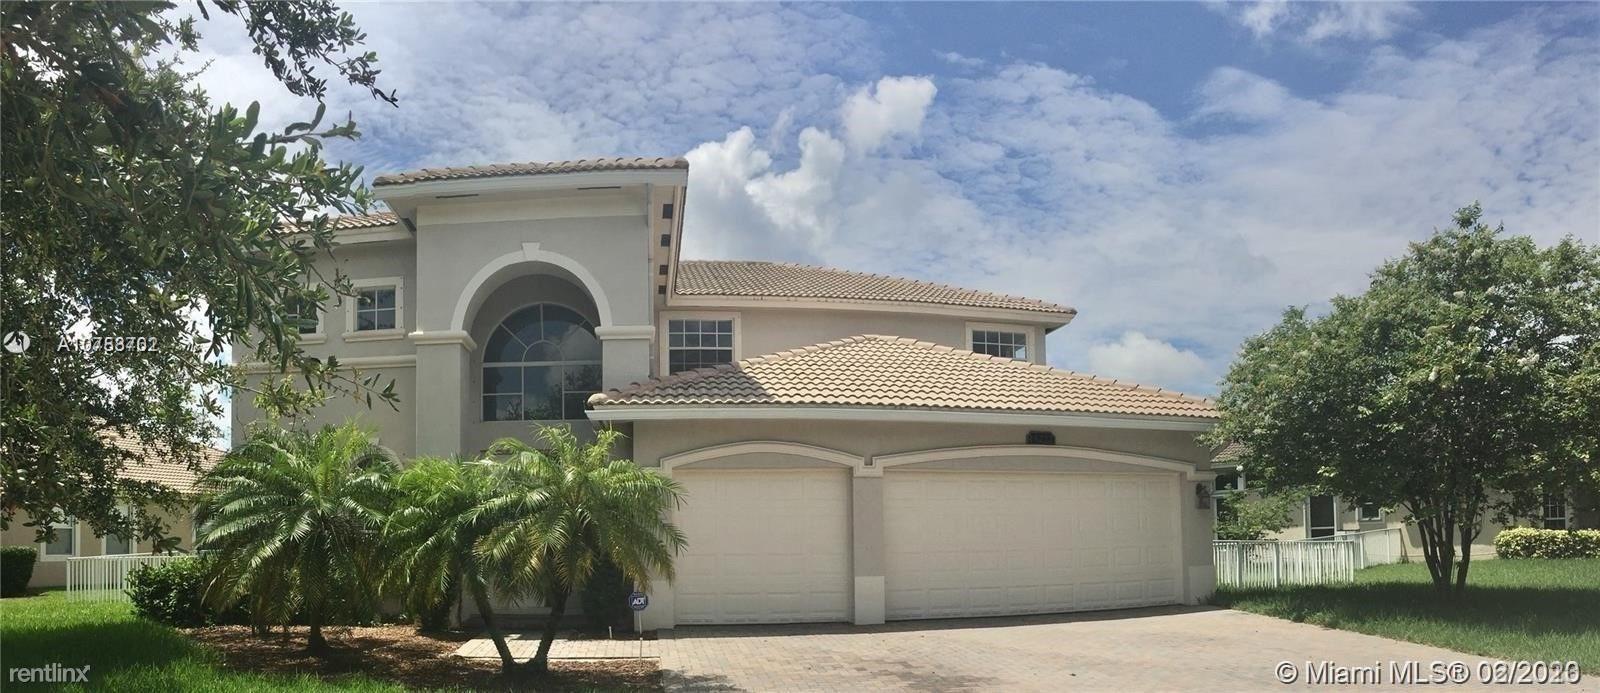 15222 SW 52nd St, Miramar, FL - $3,500